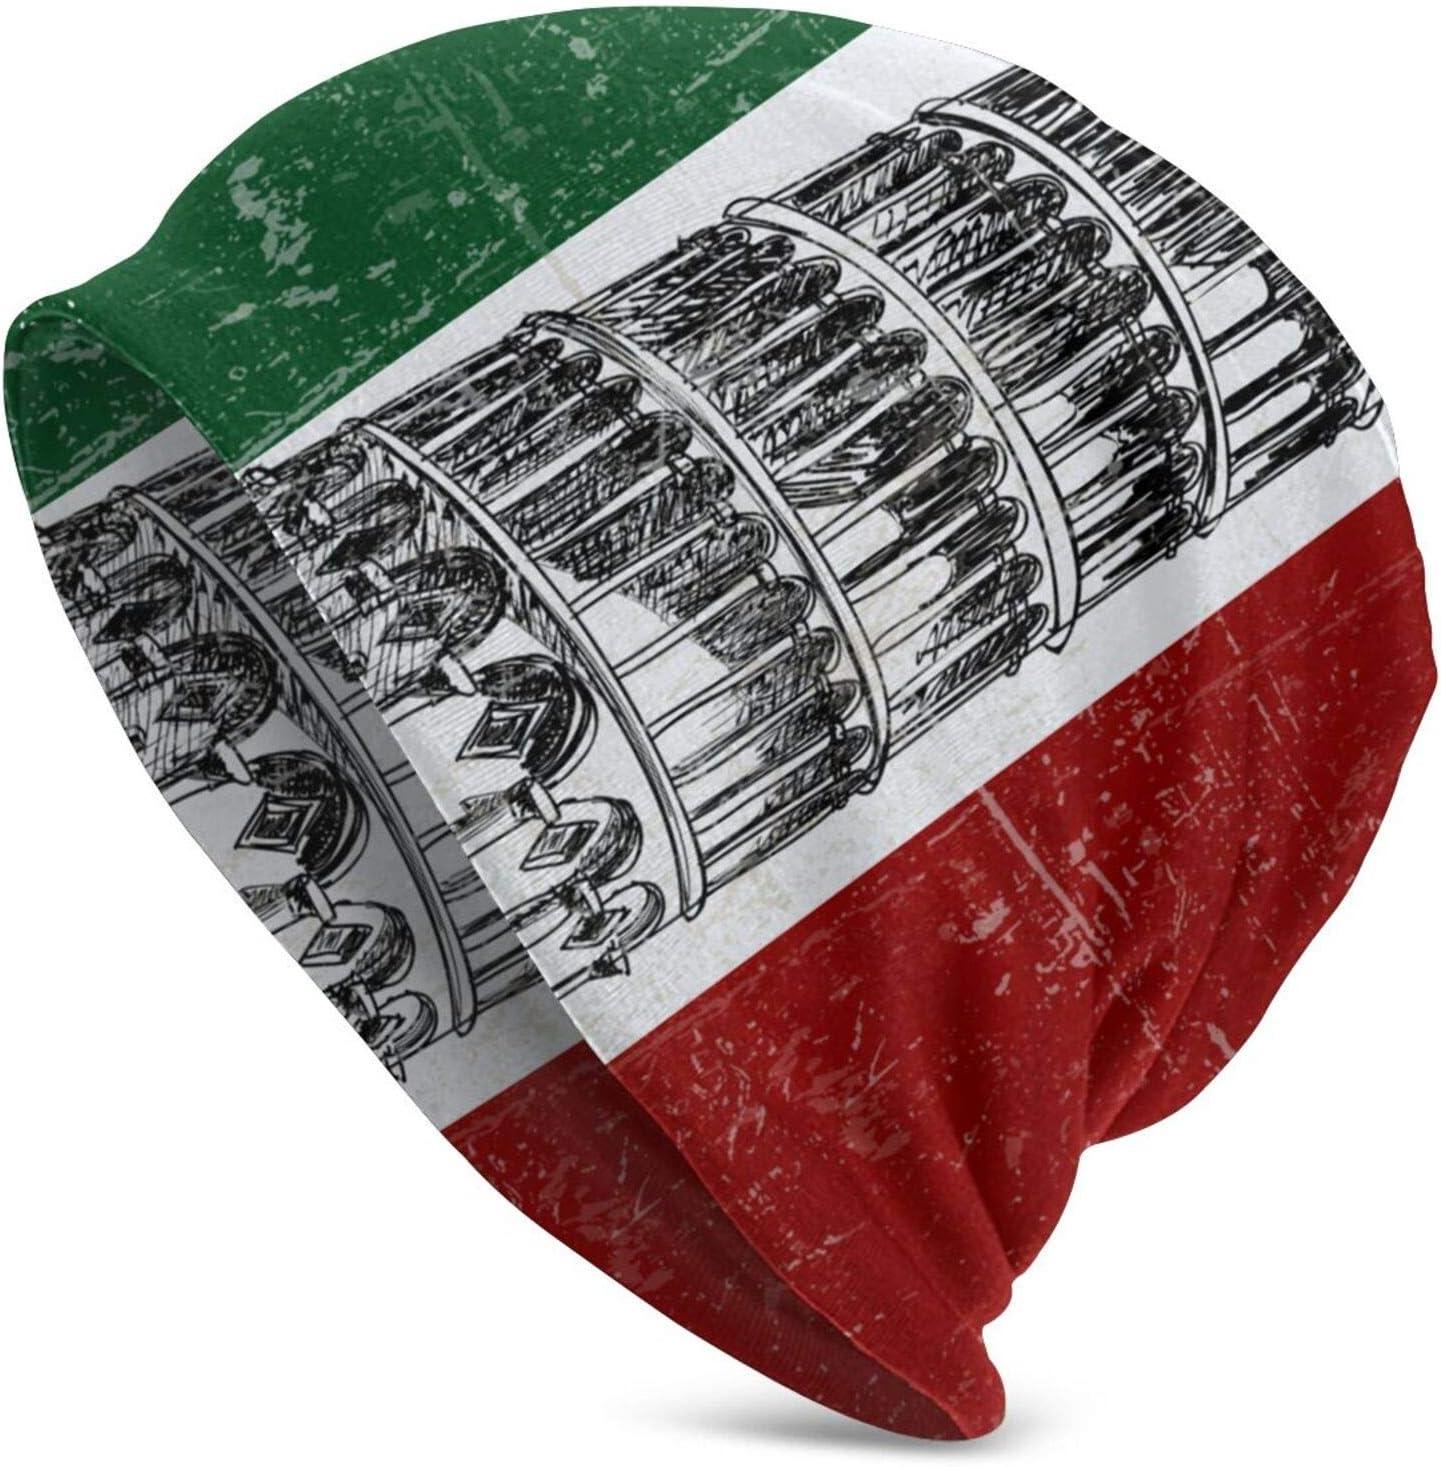 QUEMIN Hombres Torre de Pisa Bandera Italiana Águila Negra y Bandera de Alemania Gorro de Calavera Gorro elástico Gorras holgadas Sombreros de Moda de Punto de Invierno para Mujeres y Hombres